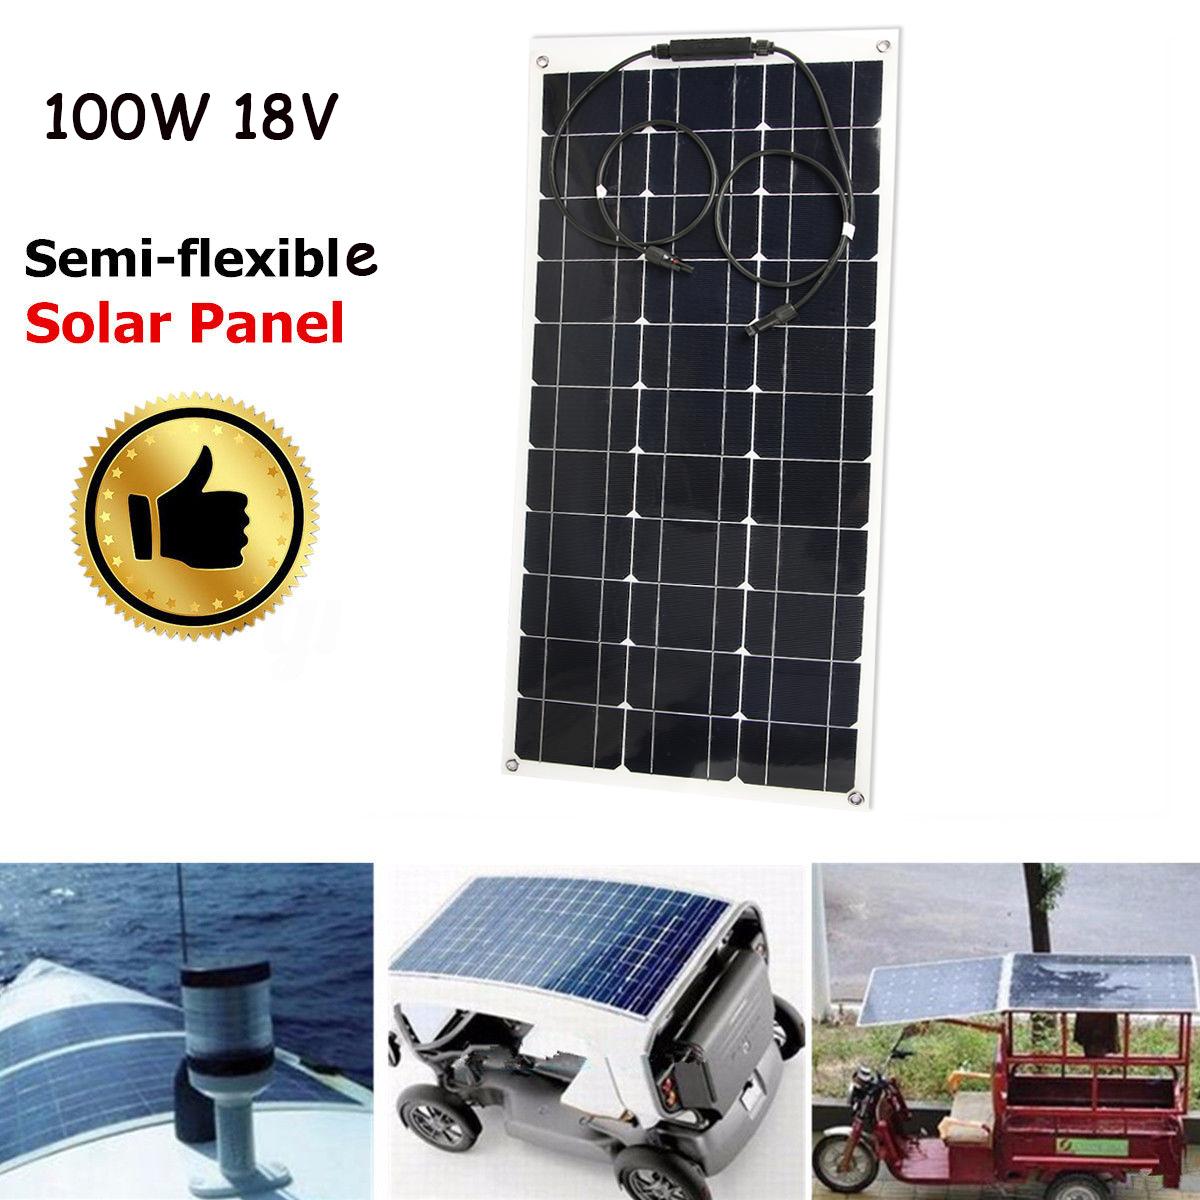 100w 18v panneau solaire mono semi flexible pour voiture bateau camion ebay. Black Bedroom Furniture Sets. Home Design Ideas